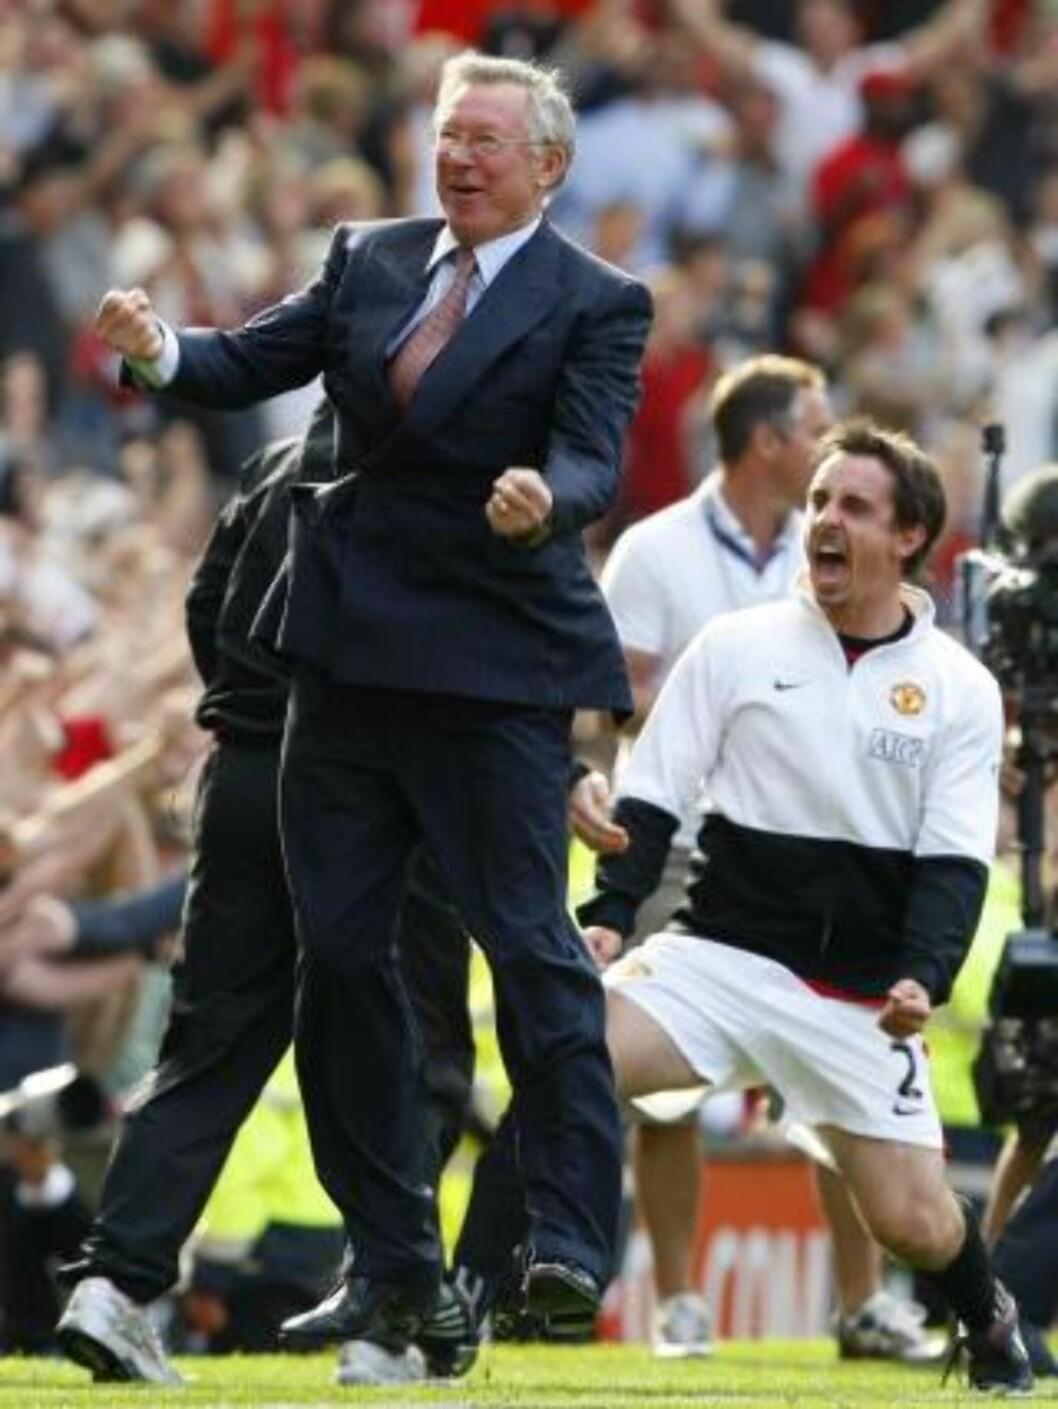 GLAD? Alex Ferguson jubler for vinnermålet. Gary Neville er også sånn passe fornøyd.Foto: SCANPIX/REUTERS/Phil Noble